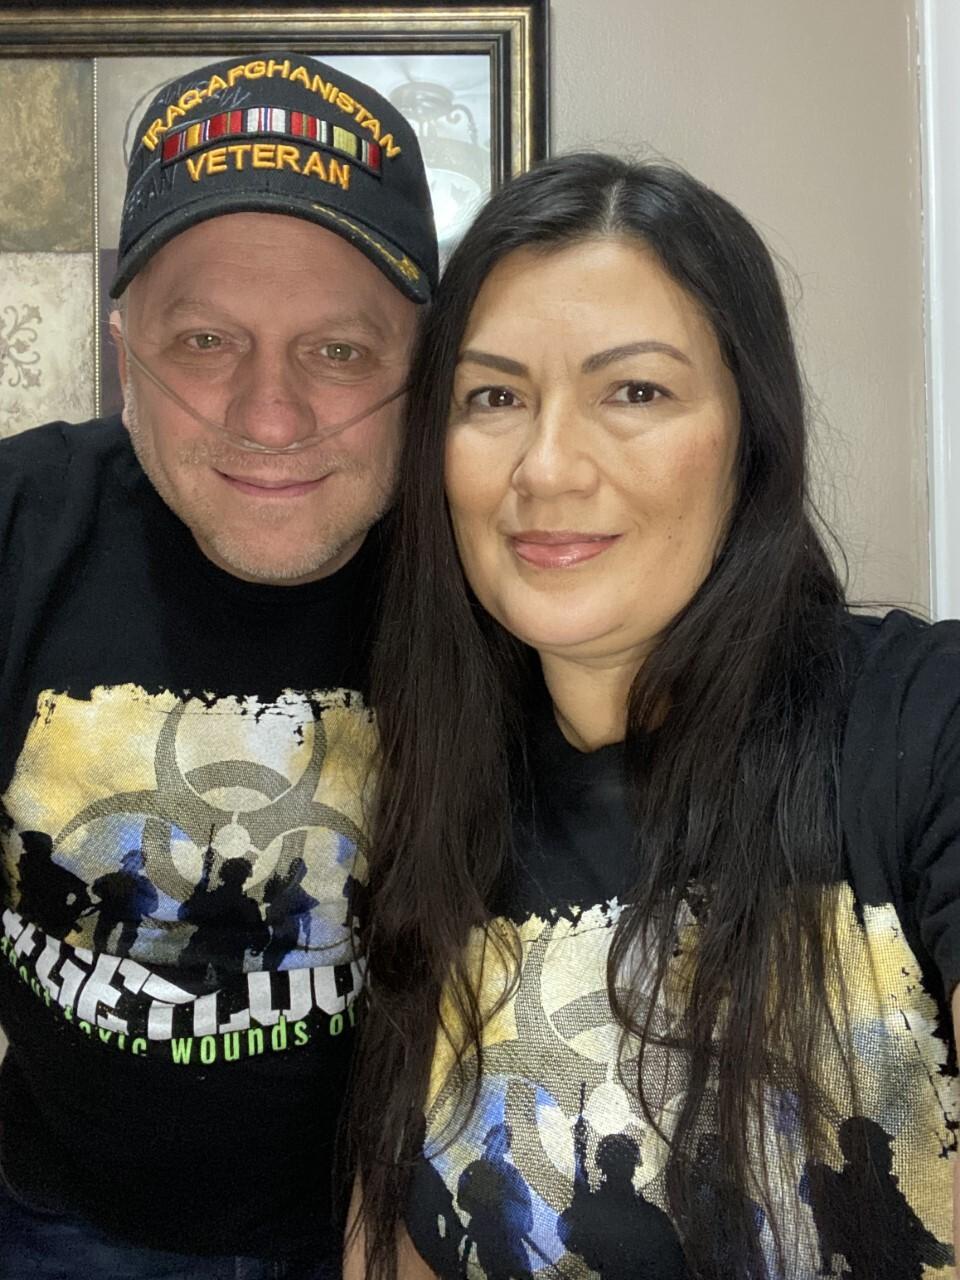 hensley and wife 2.jpeg